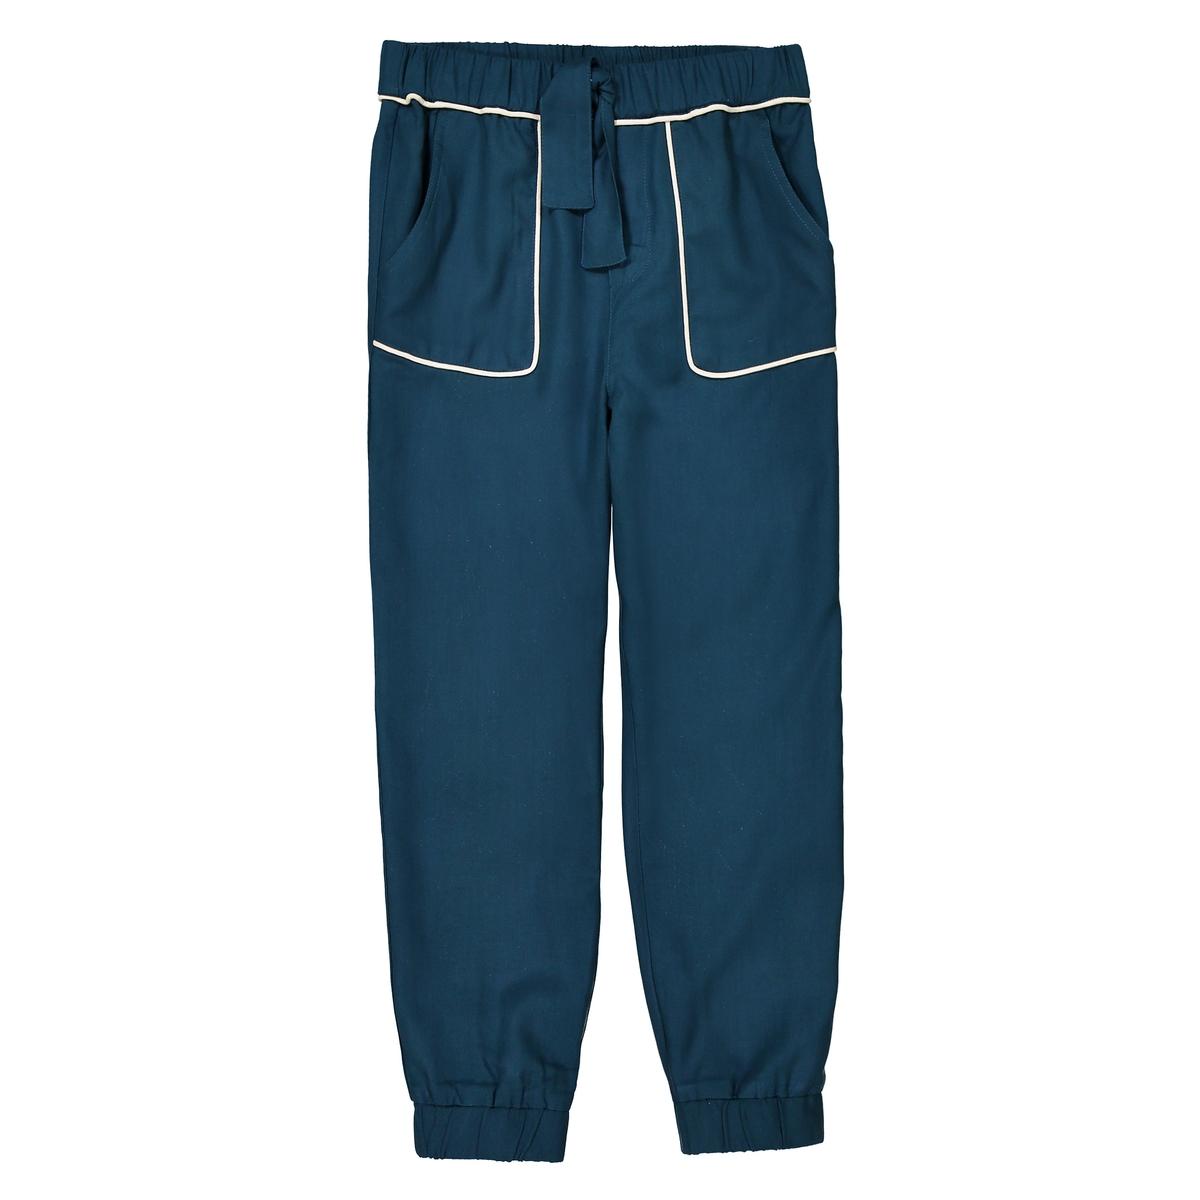 Pantaloni fluidi 3 - 12 anni